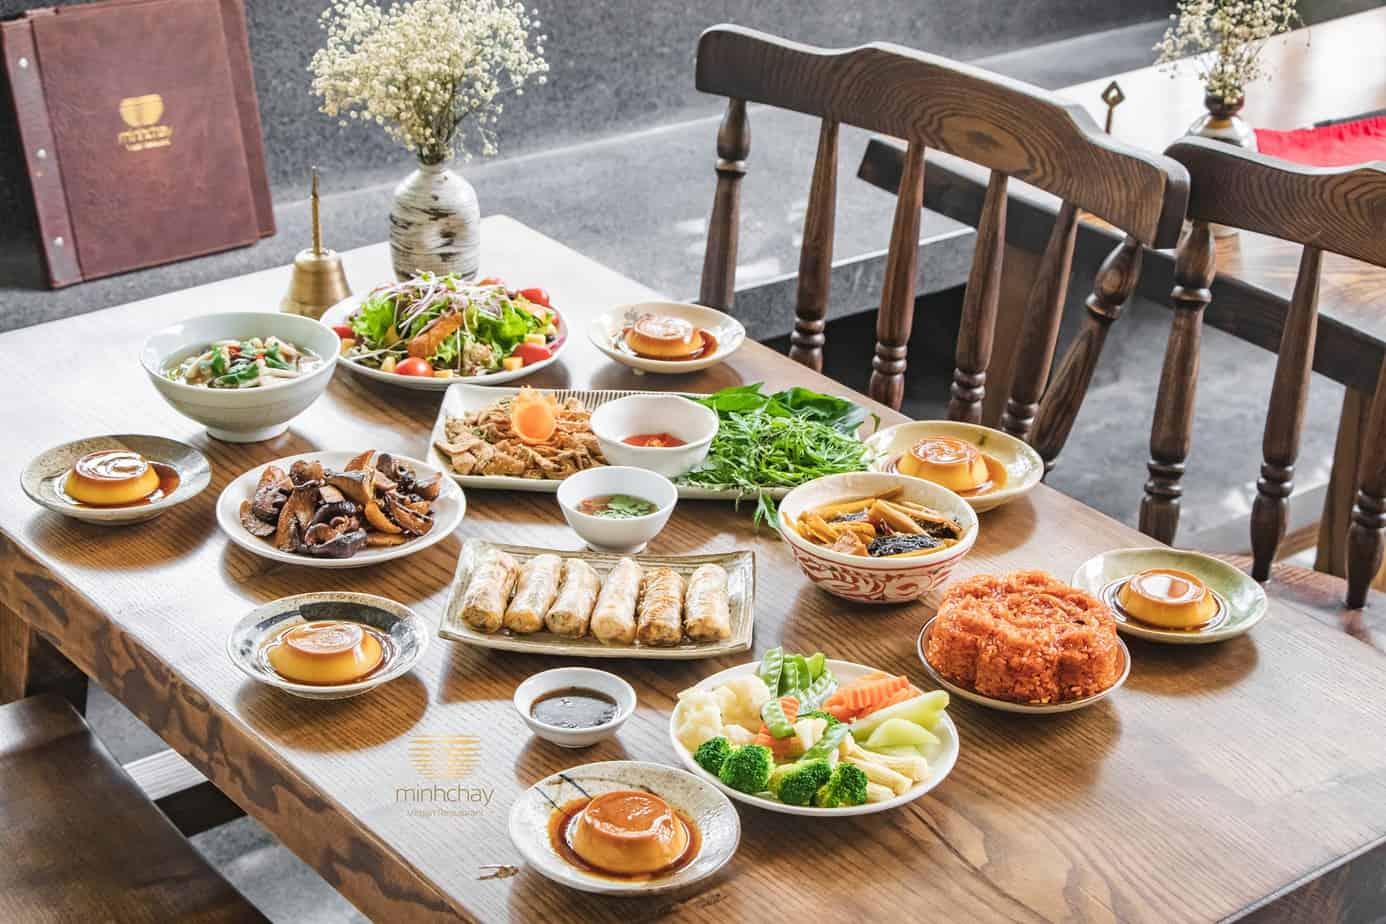 Top 10 Địa Điểm Dạy Nấu Món Ăn Chay Nổi Tiếng Tại Hà Nội - địa điểm dạy nấu món ăn chay nổi tiếng tại hà nội - Giáo Dục 17